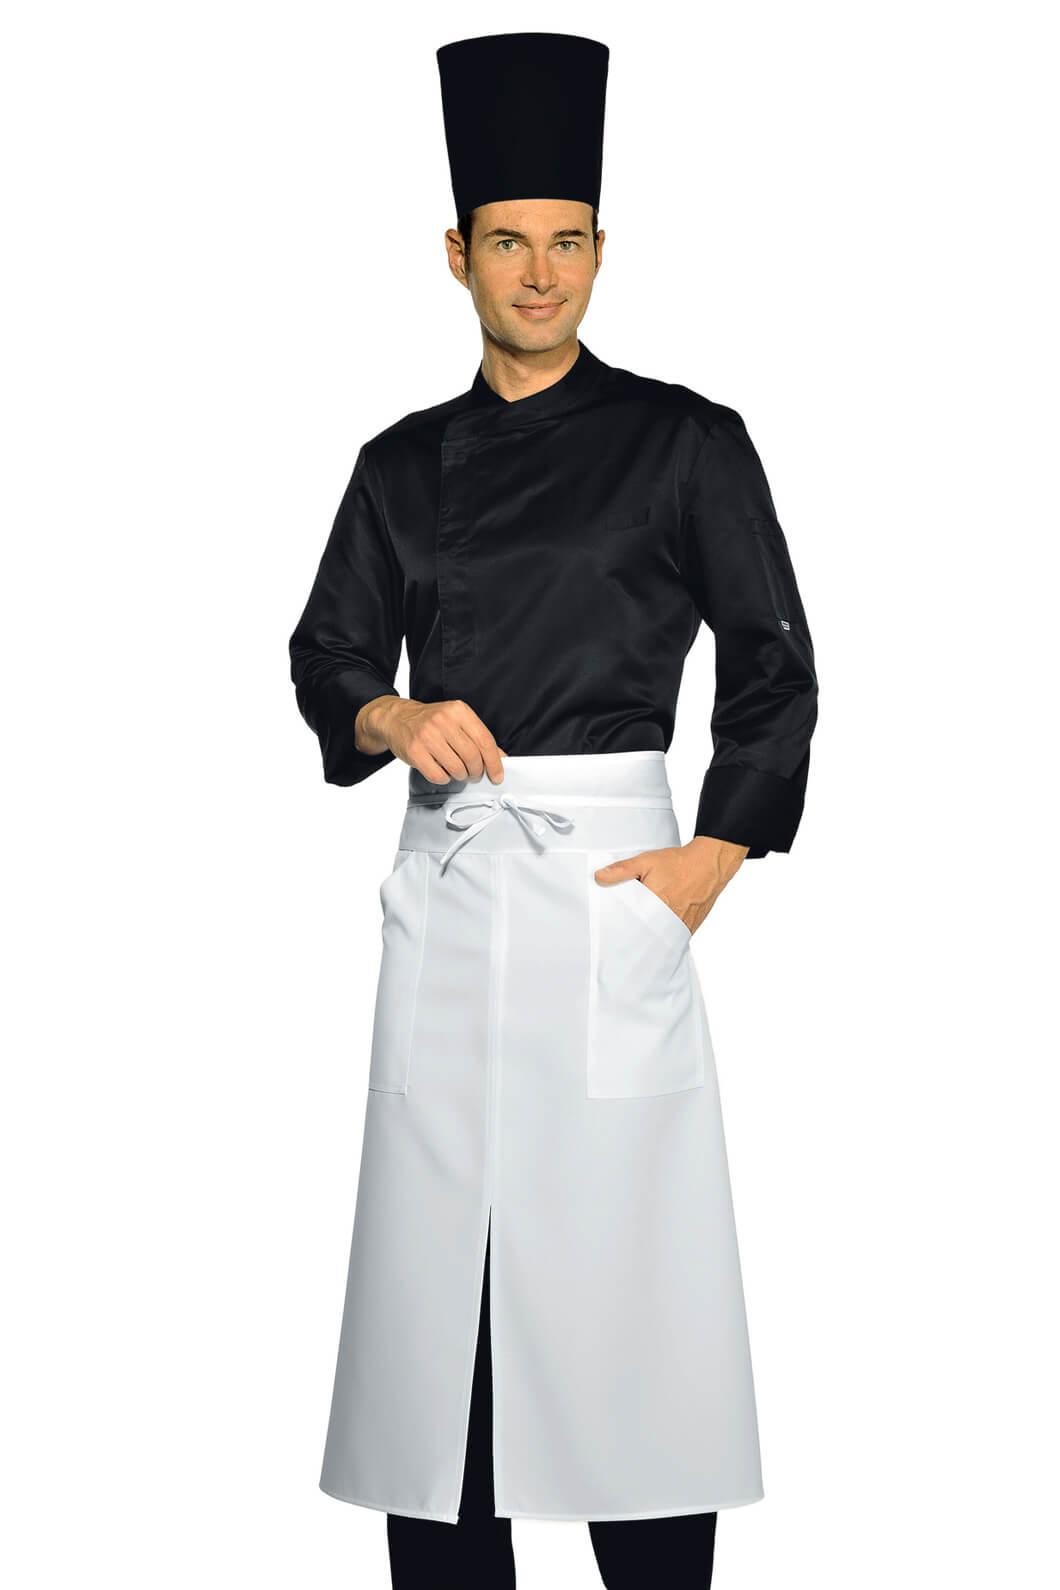 Veste chef cuisinier malaga noire microfibres vestes de for Cuisinier particulier